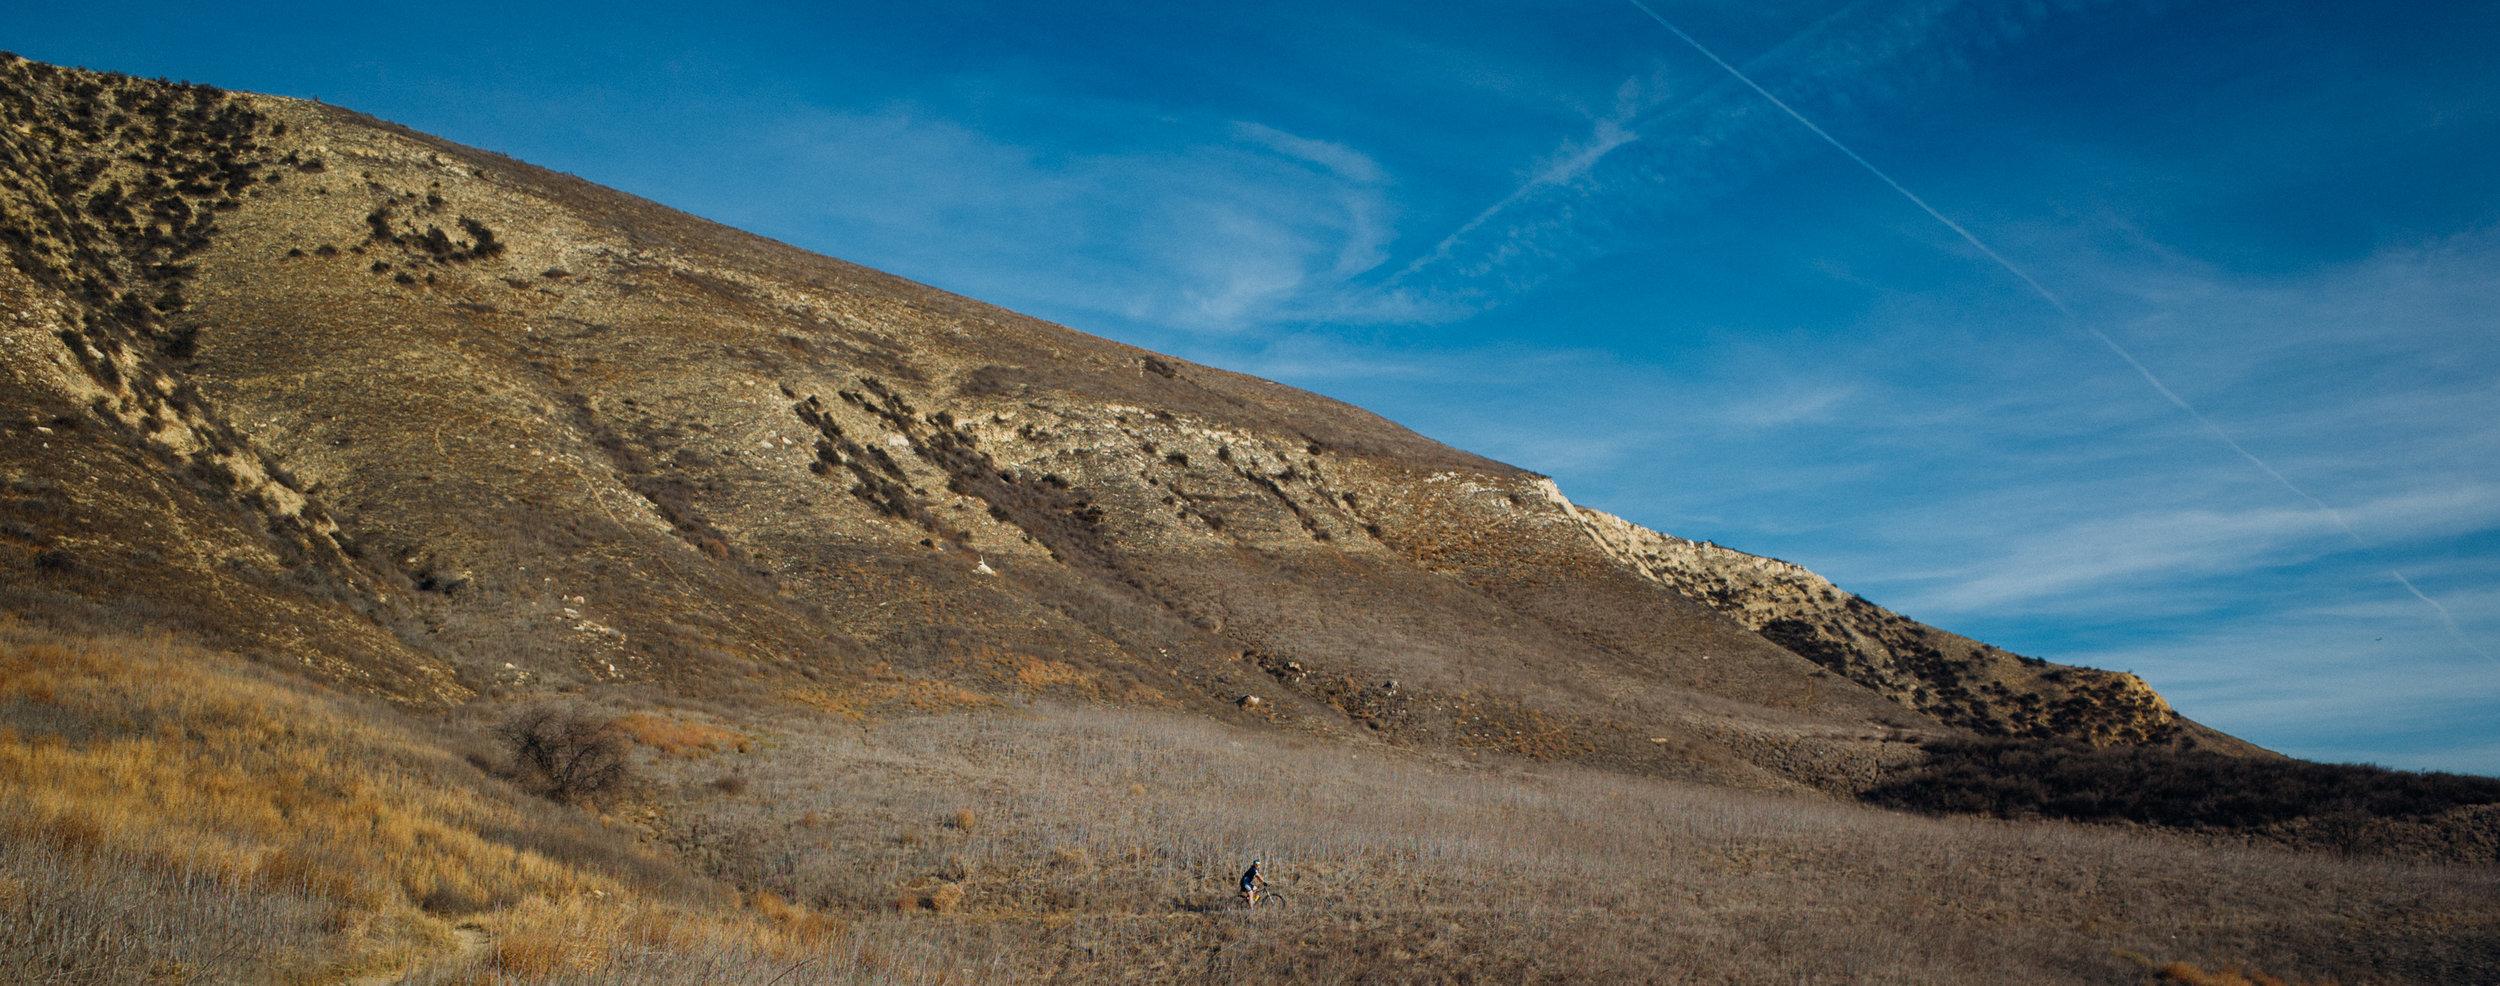 Photo Rhetoric - California in November-1075.jpg